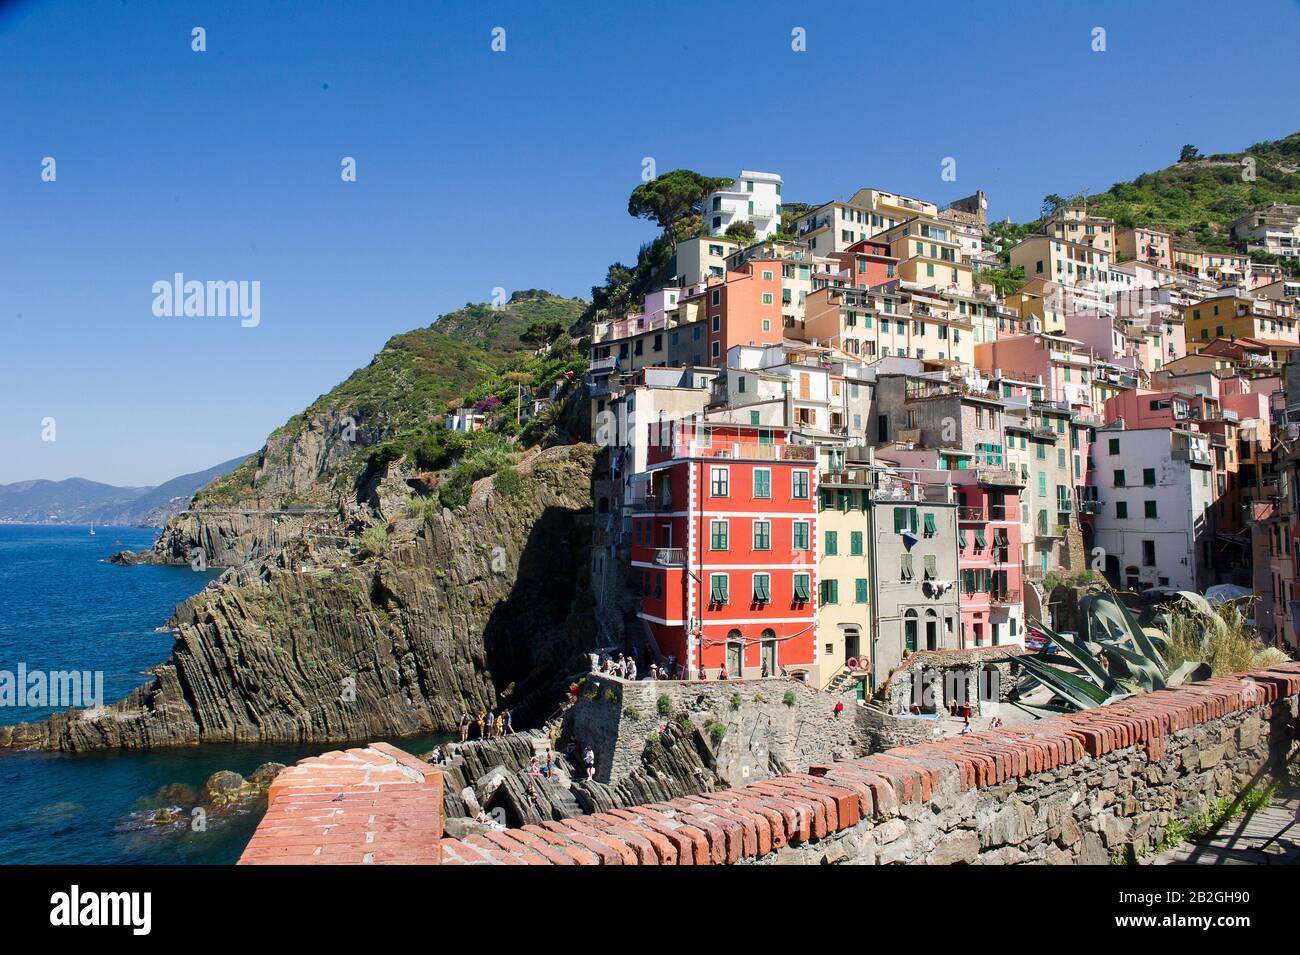 Riomaggiore si affaccia sul mare in provincia di la Spezia, si trova nel parco naturale delle cinque Terre in Liguria, nel nord-ovest dell'Italia. E 'sulla lista del patrimonio mondiale dell'UNESCO Foto Stock